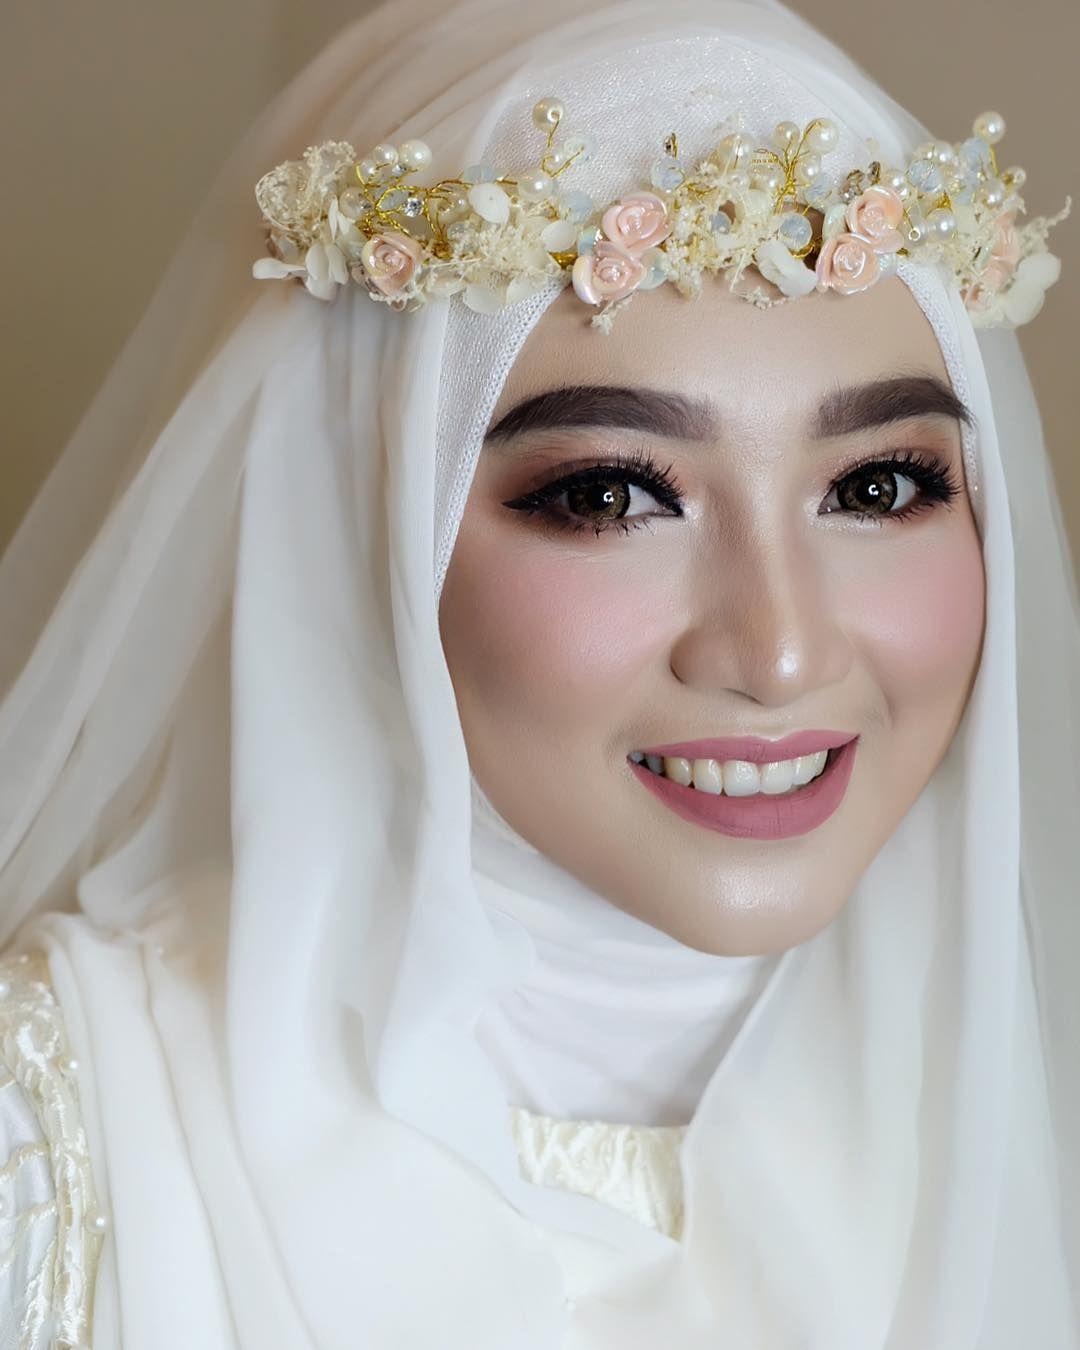 Gambar Mungkin Berisi 1 Orang Dekat Muslim Wedding Hijab Muslimah Wedding Wedding Hijab Styles